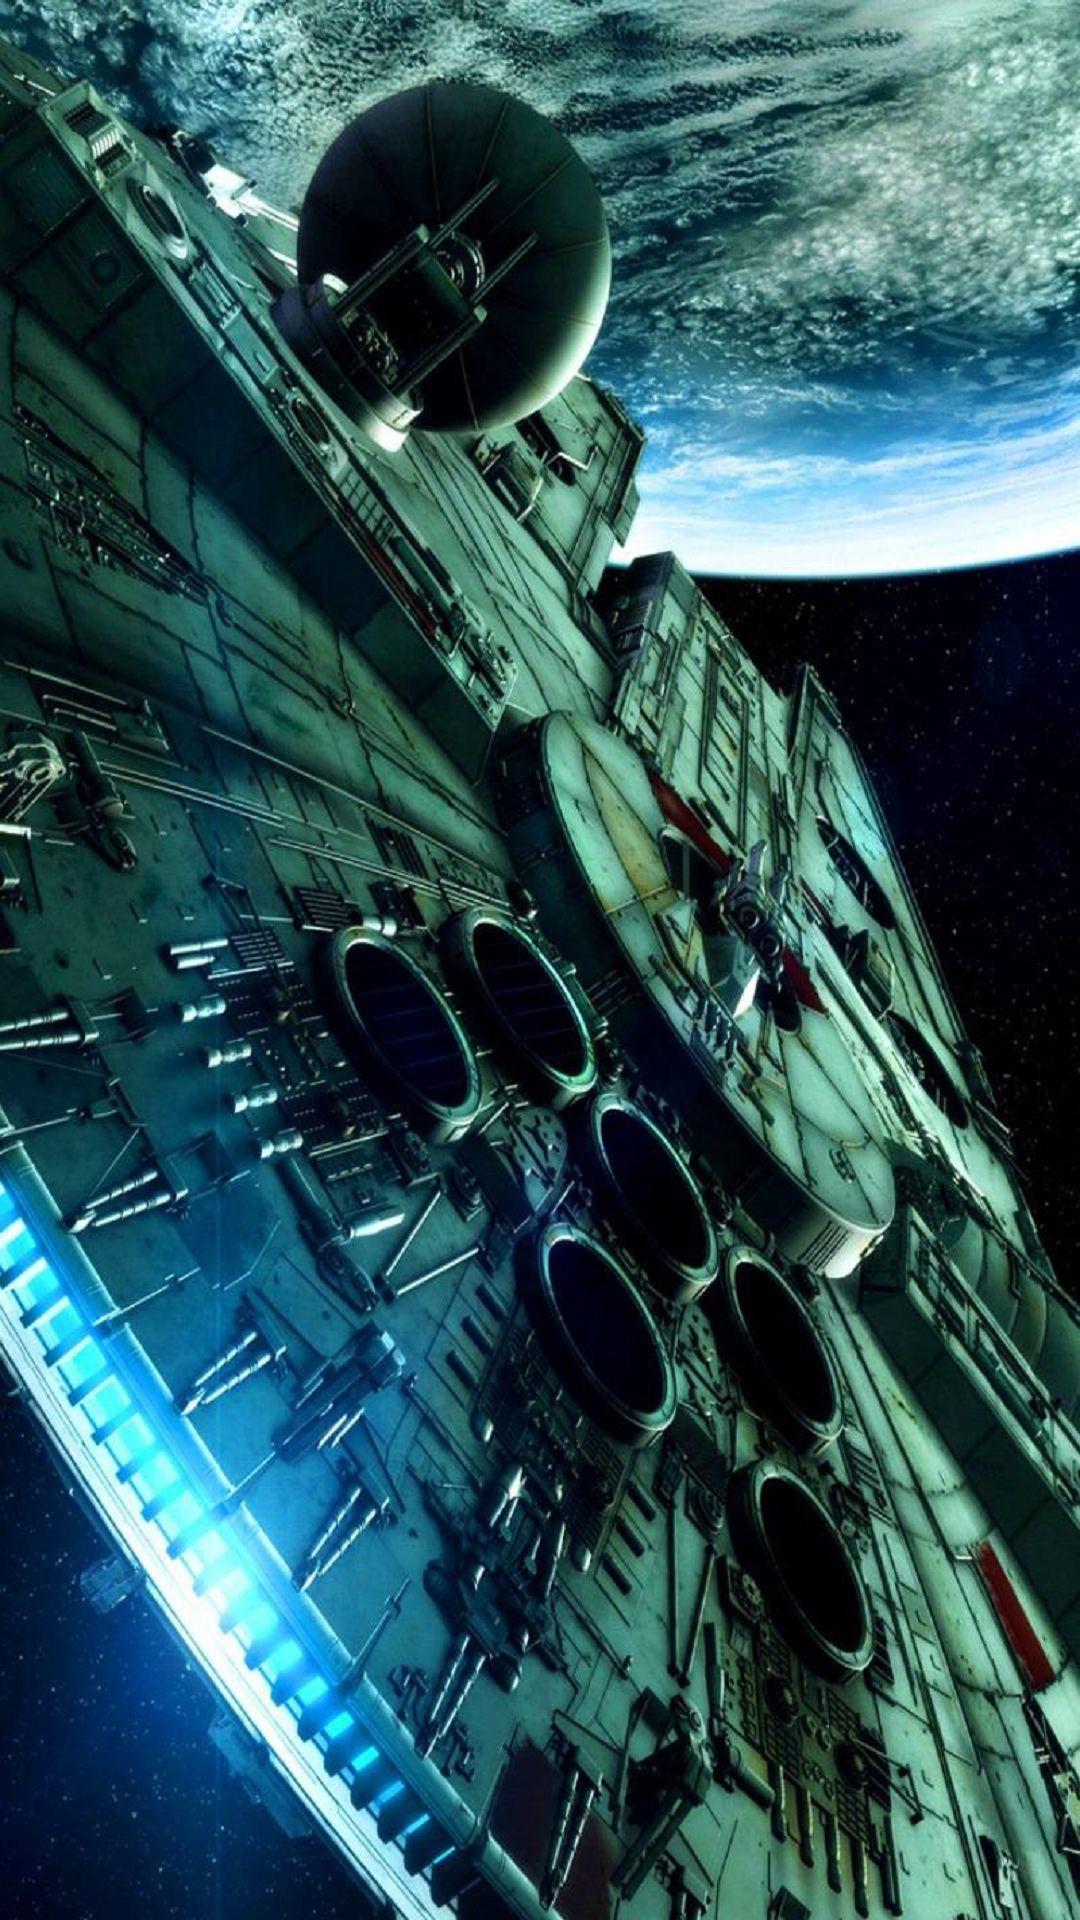 storm-trooper-starwars-illust-9-wallpaper